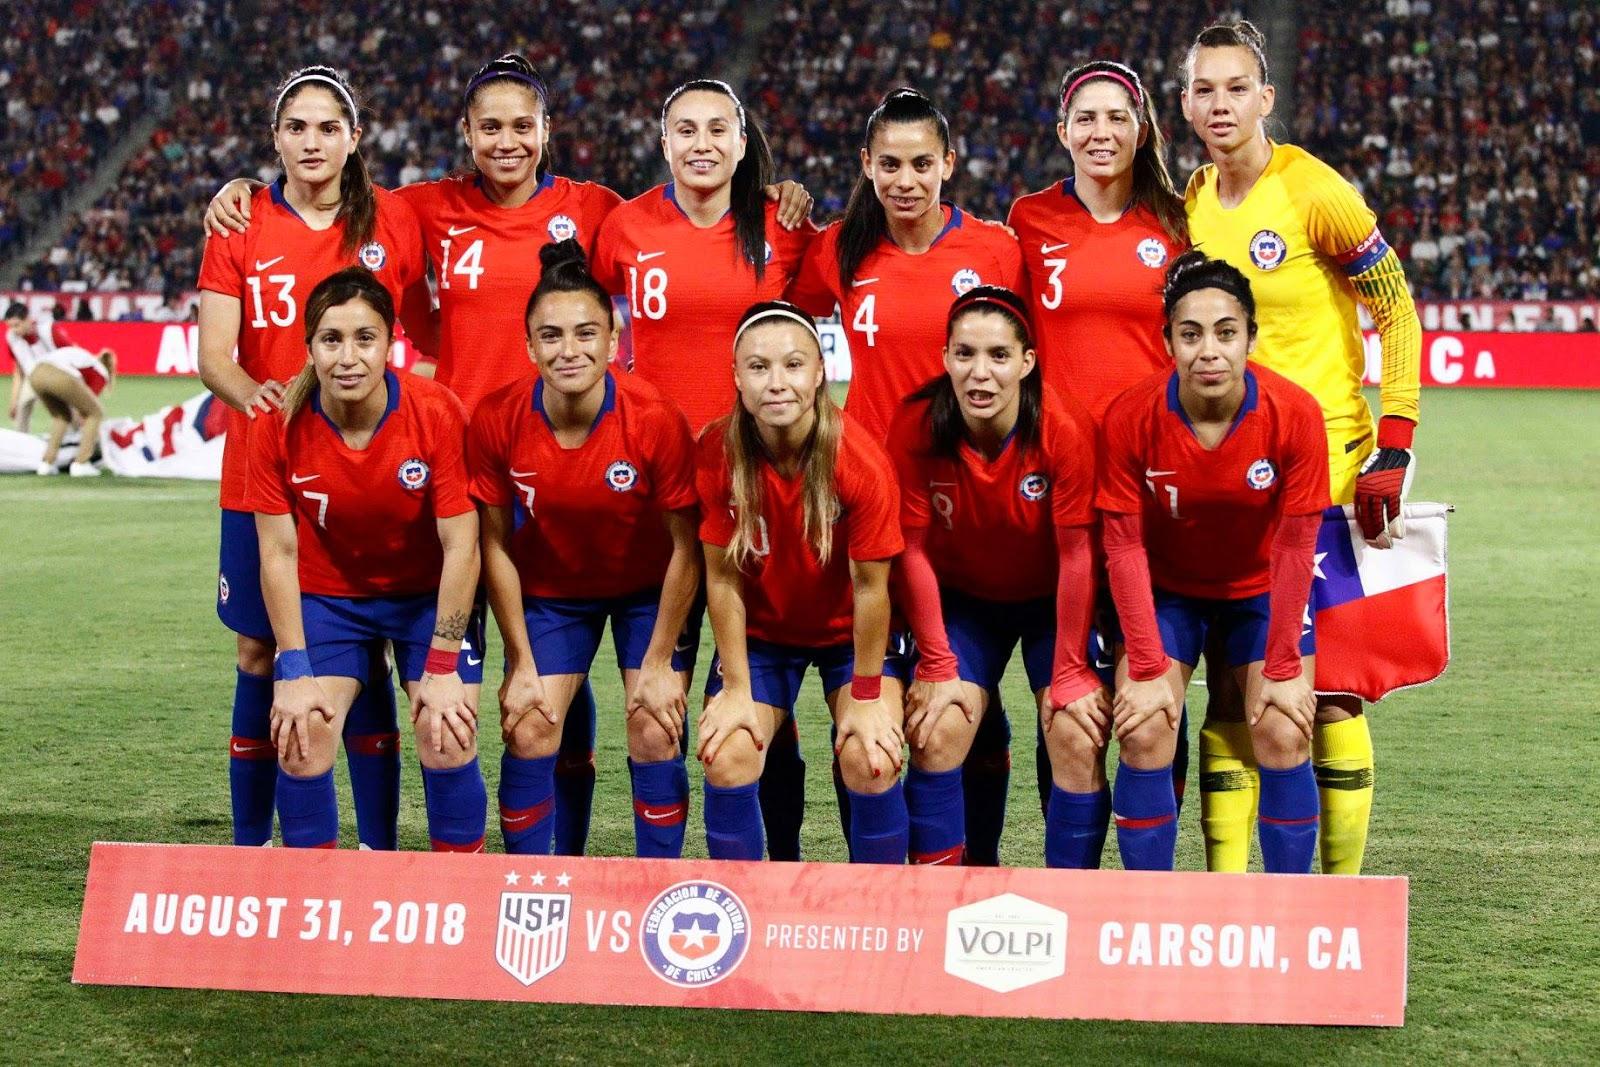 Formación de selección femenina de Chile ante Estados Unidos, amistoso disputado el 1 de septiembre de 2018